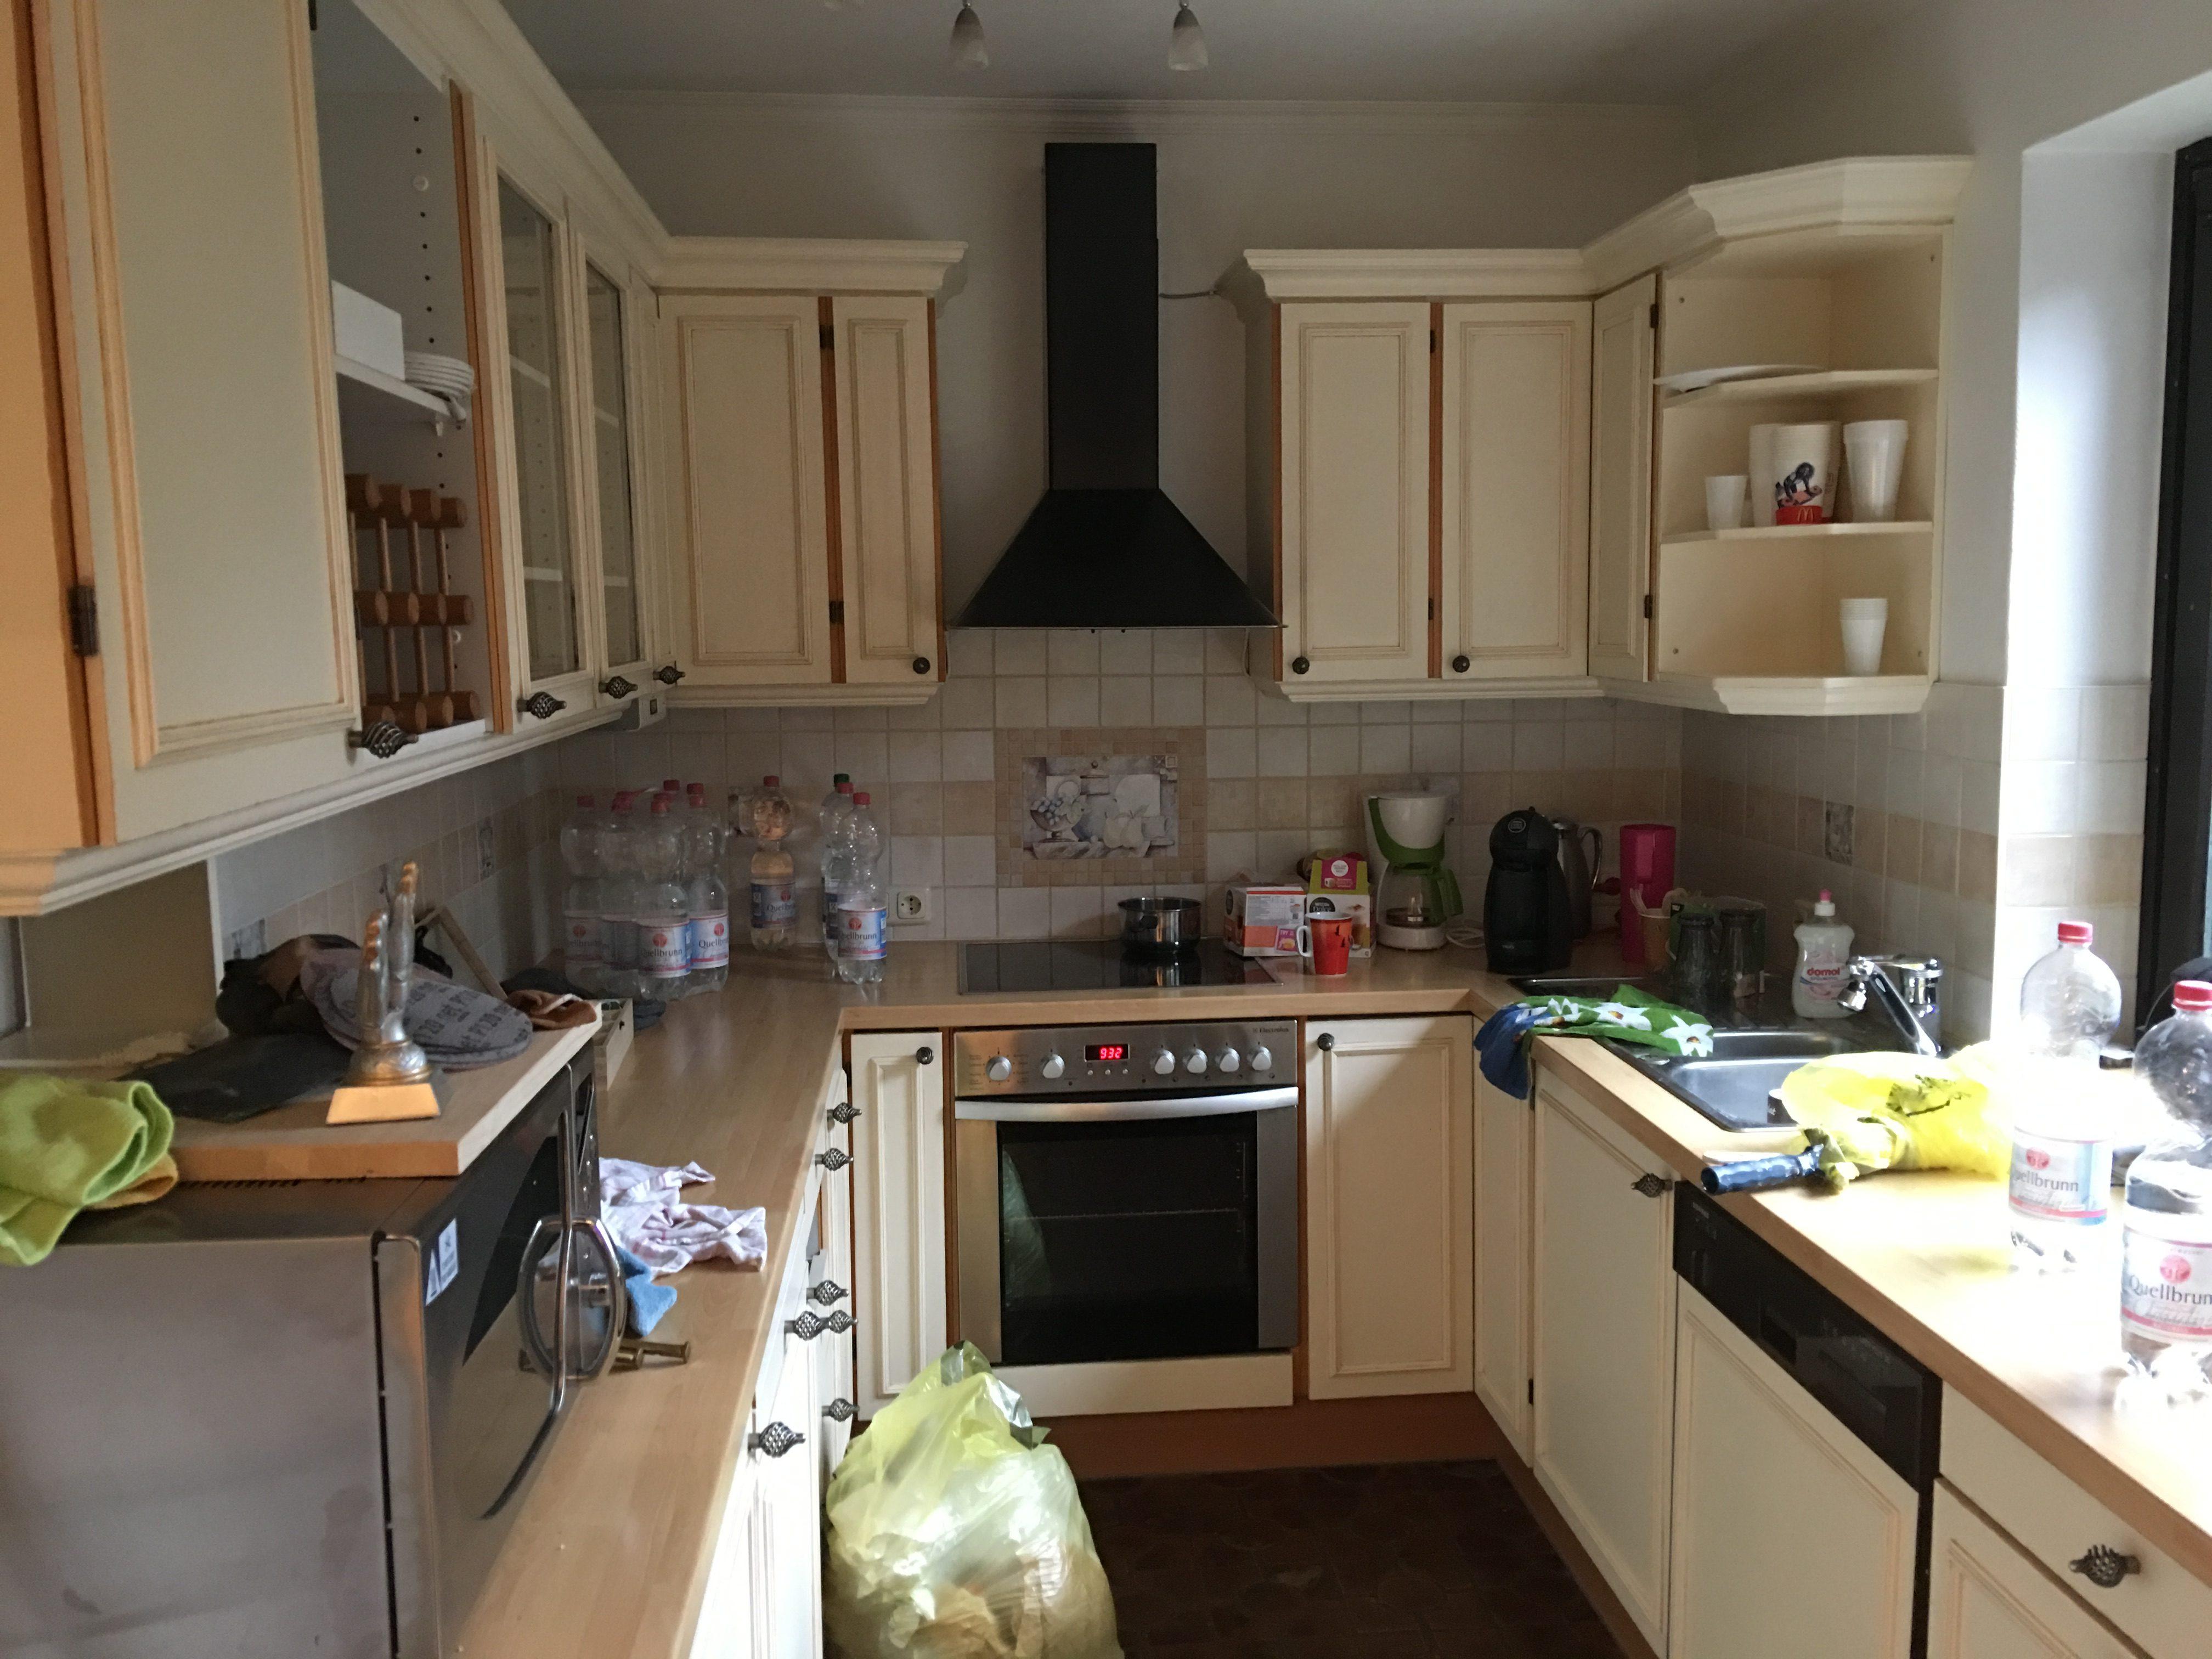 küche-renovieren-wenig-kosten - DESIGN DOTS